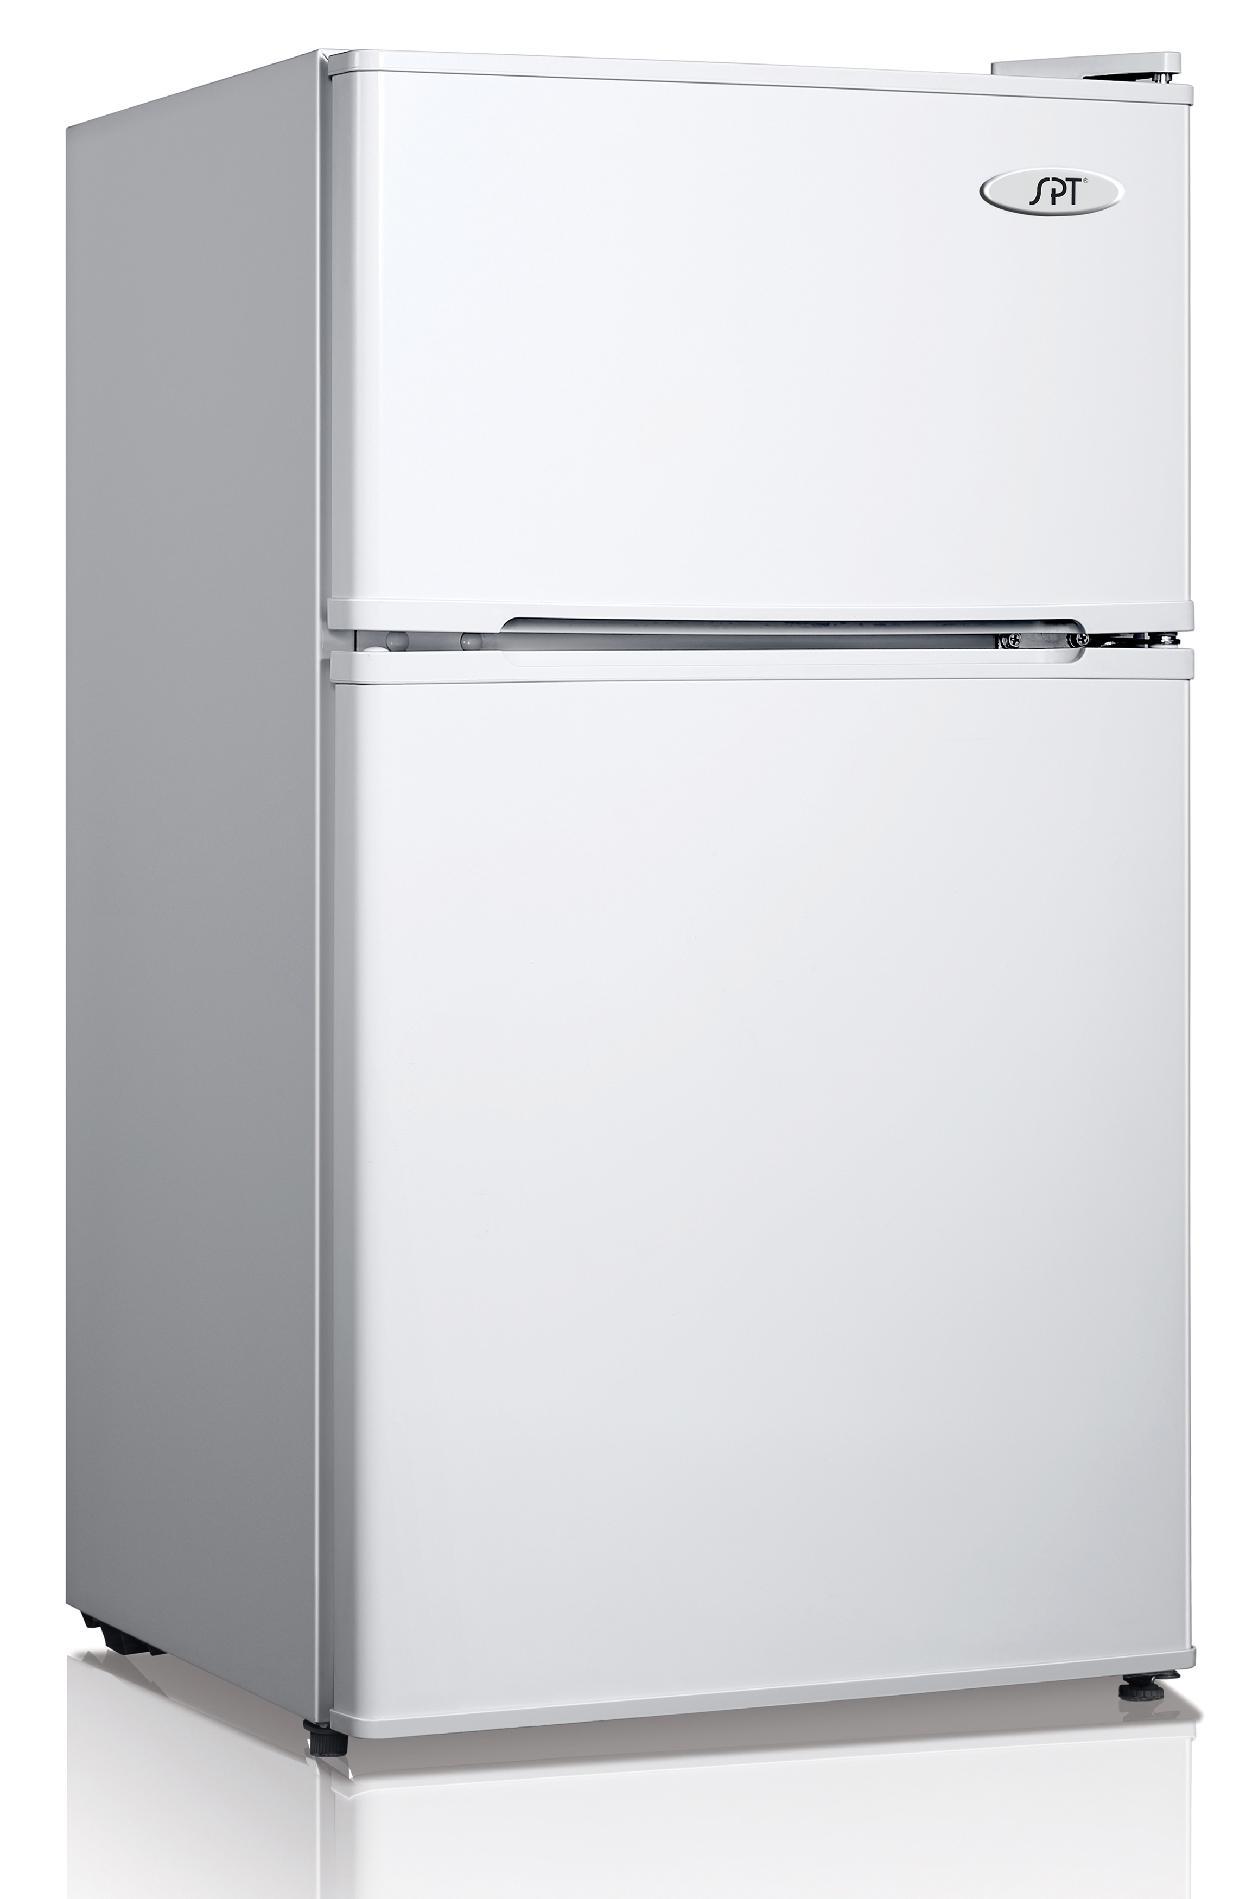 Double Door Refrigerator In White   Energy